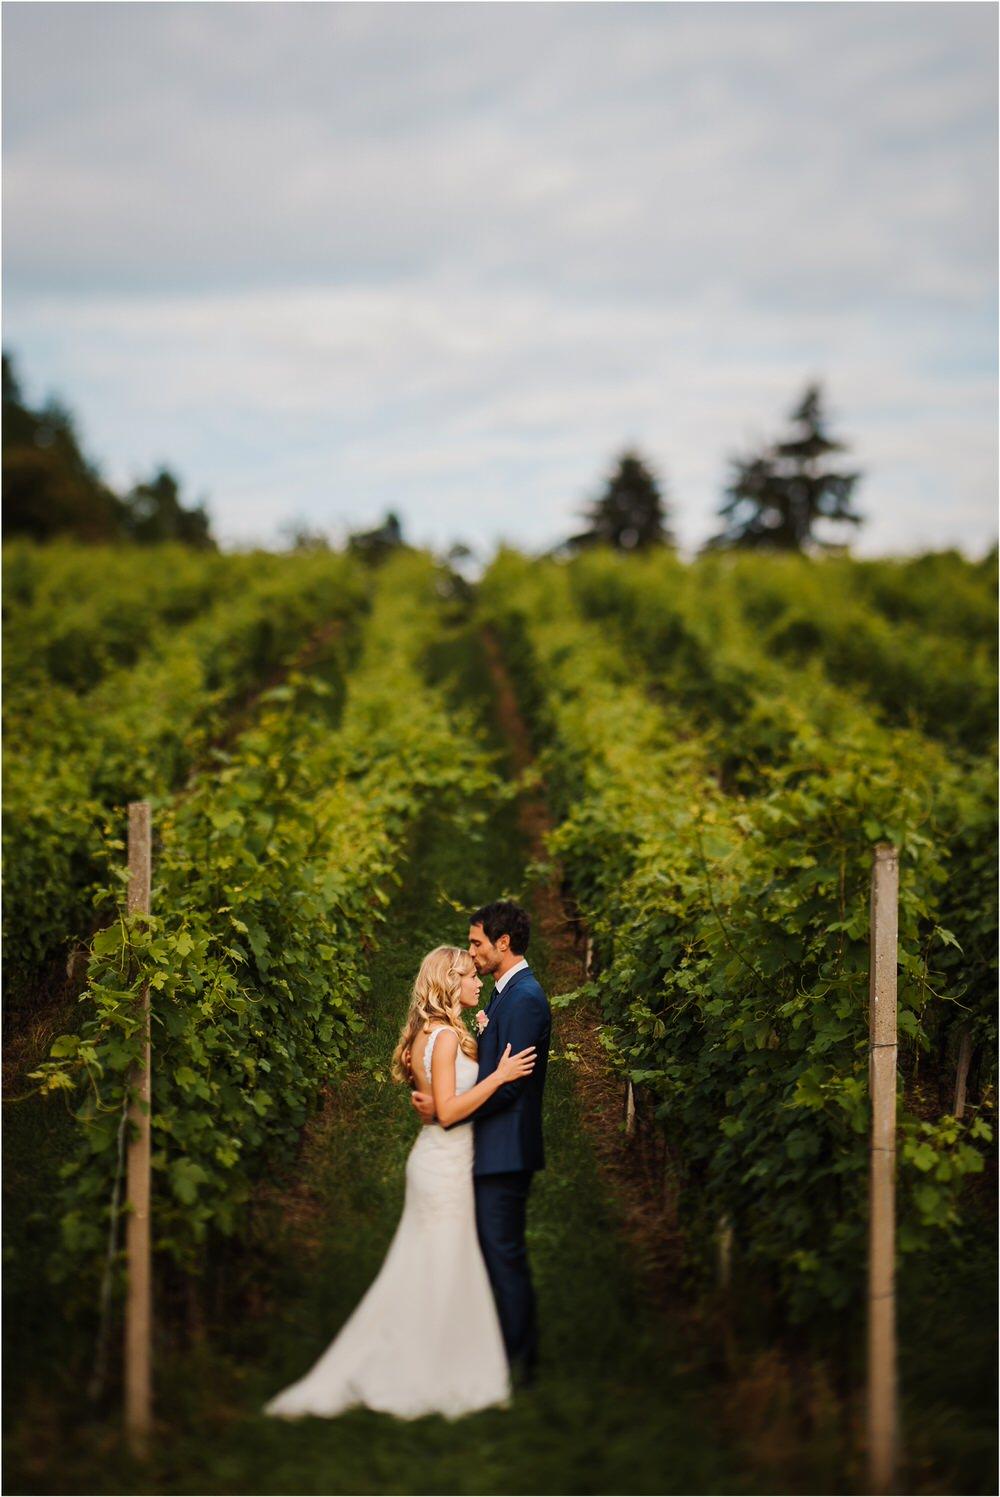 tri lucke slovenija krsko posavje poroka porocni fotograf fotografiranje elegantna poroka vinograd classy elegant wedding slovenia 0072.jpg